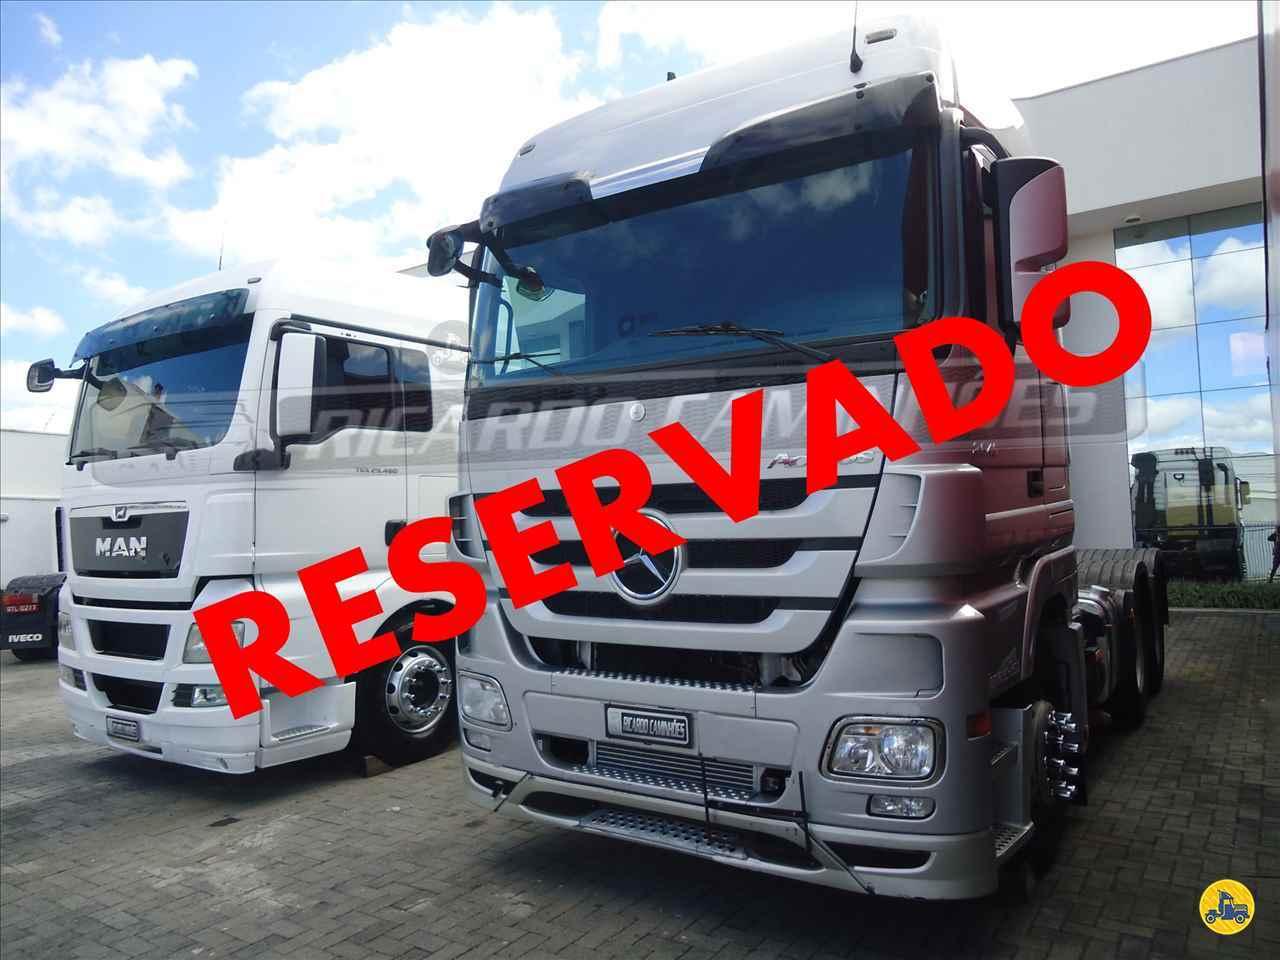 CAMINHAO MERCEDES-BENZ MB 2646 Cavalo Mecânico Traçado 6x4 Ricardo Caminhões Curitiba CURITIBA PARANÁ PR